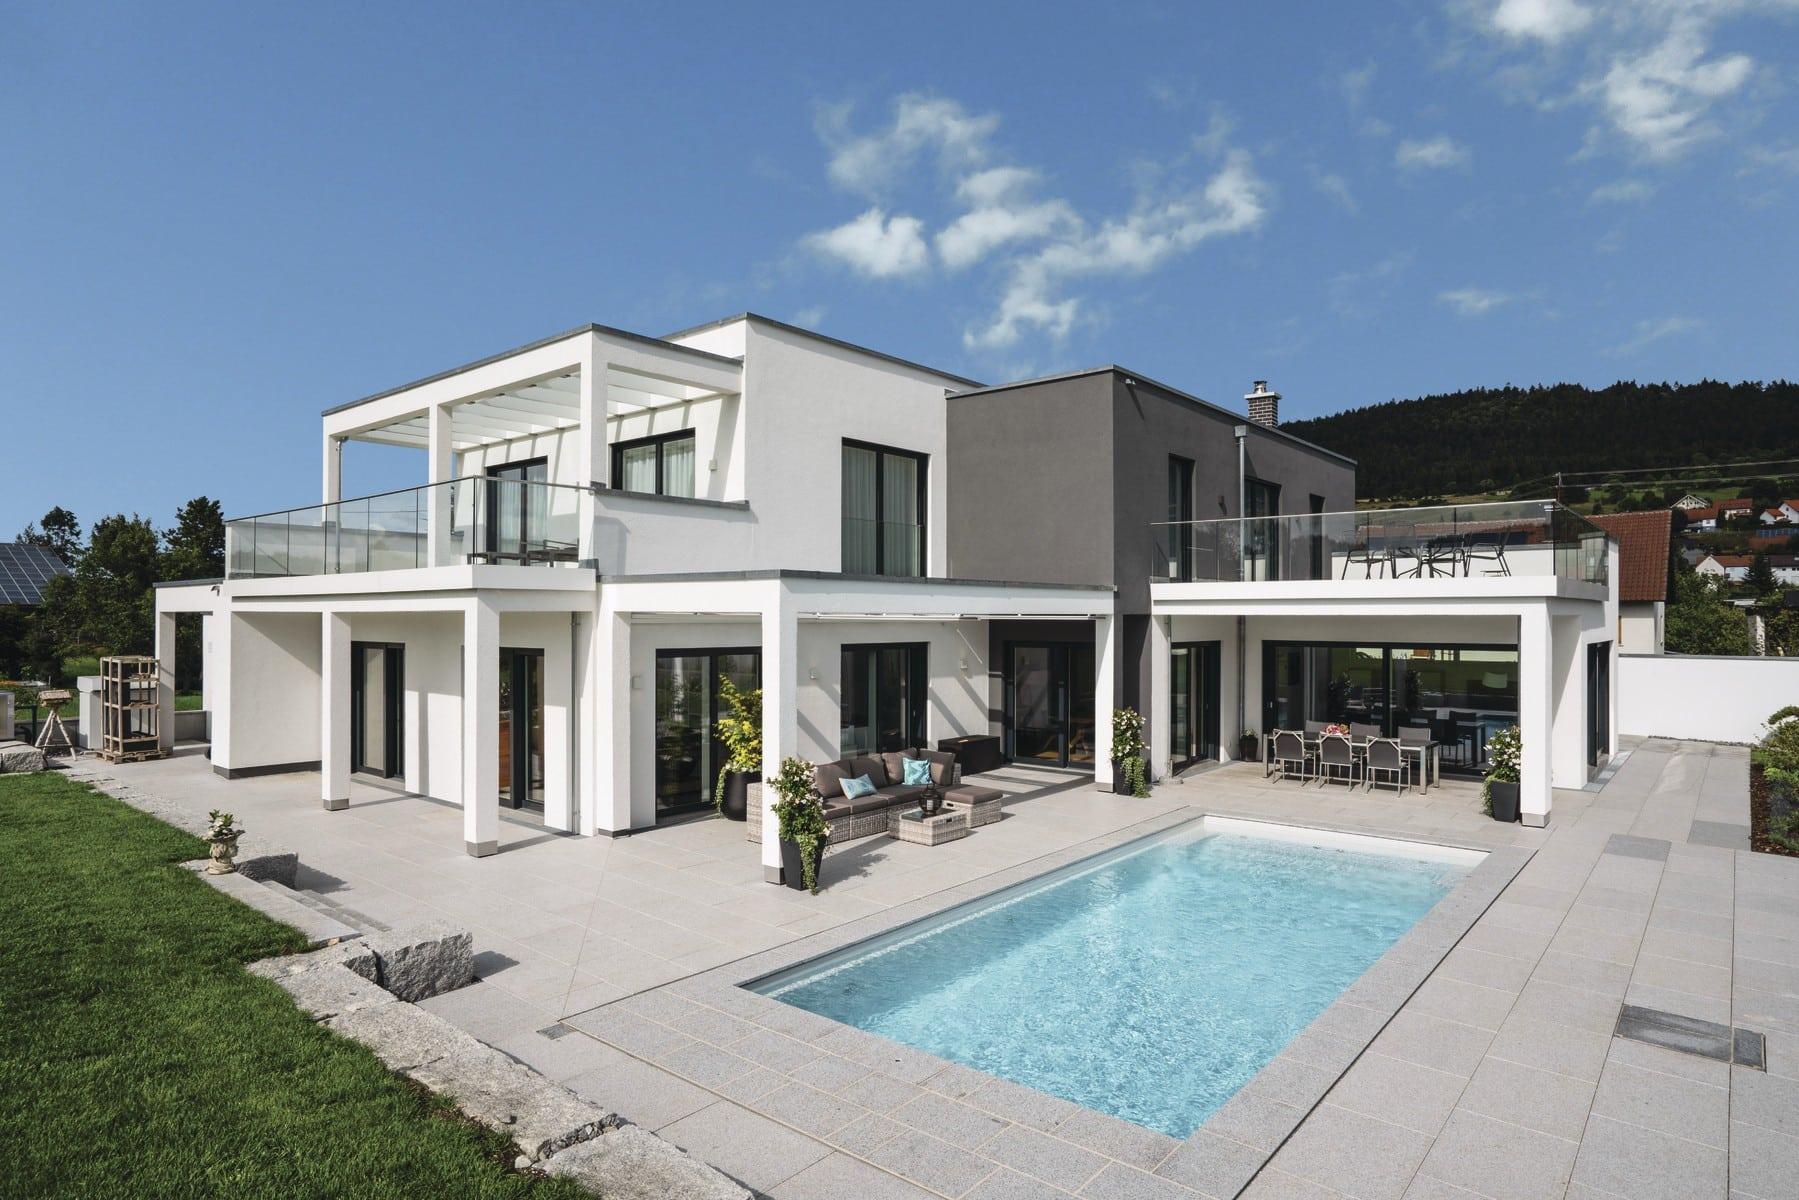 Einfamilienhaus modern mit Flachdach, Balkon und Pool Terrasse bauen - Haus Ideen Bauhaus Villa WeberHaus Fertighaus - HausbauDirekt.de